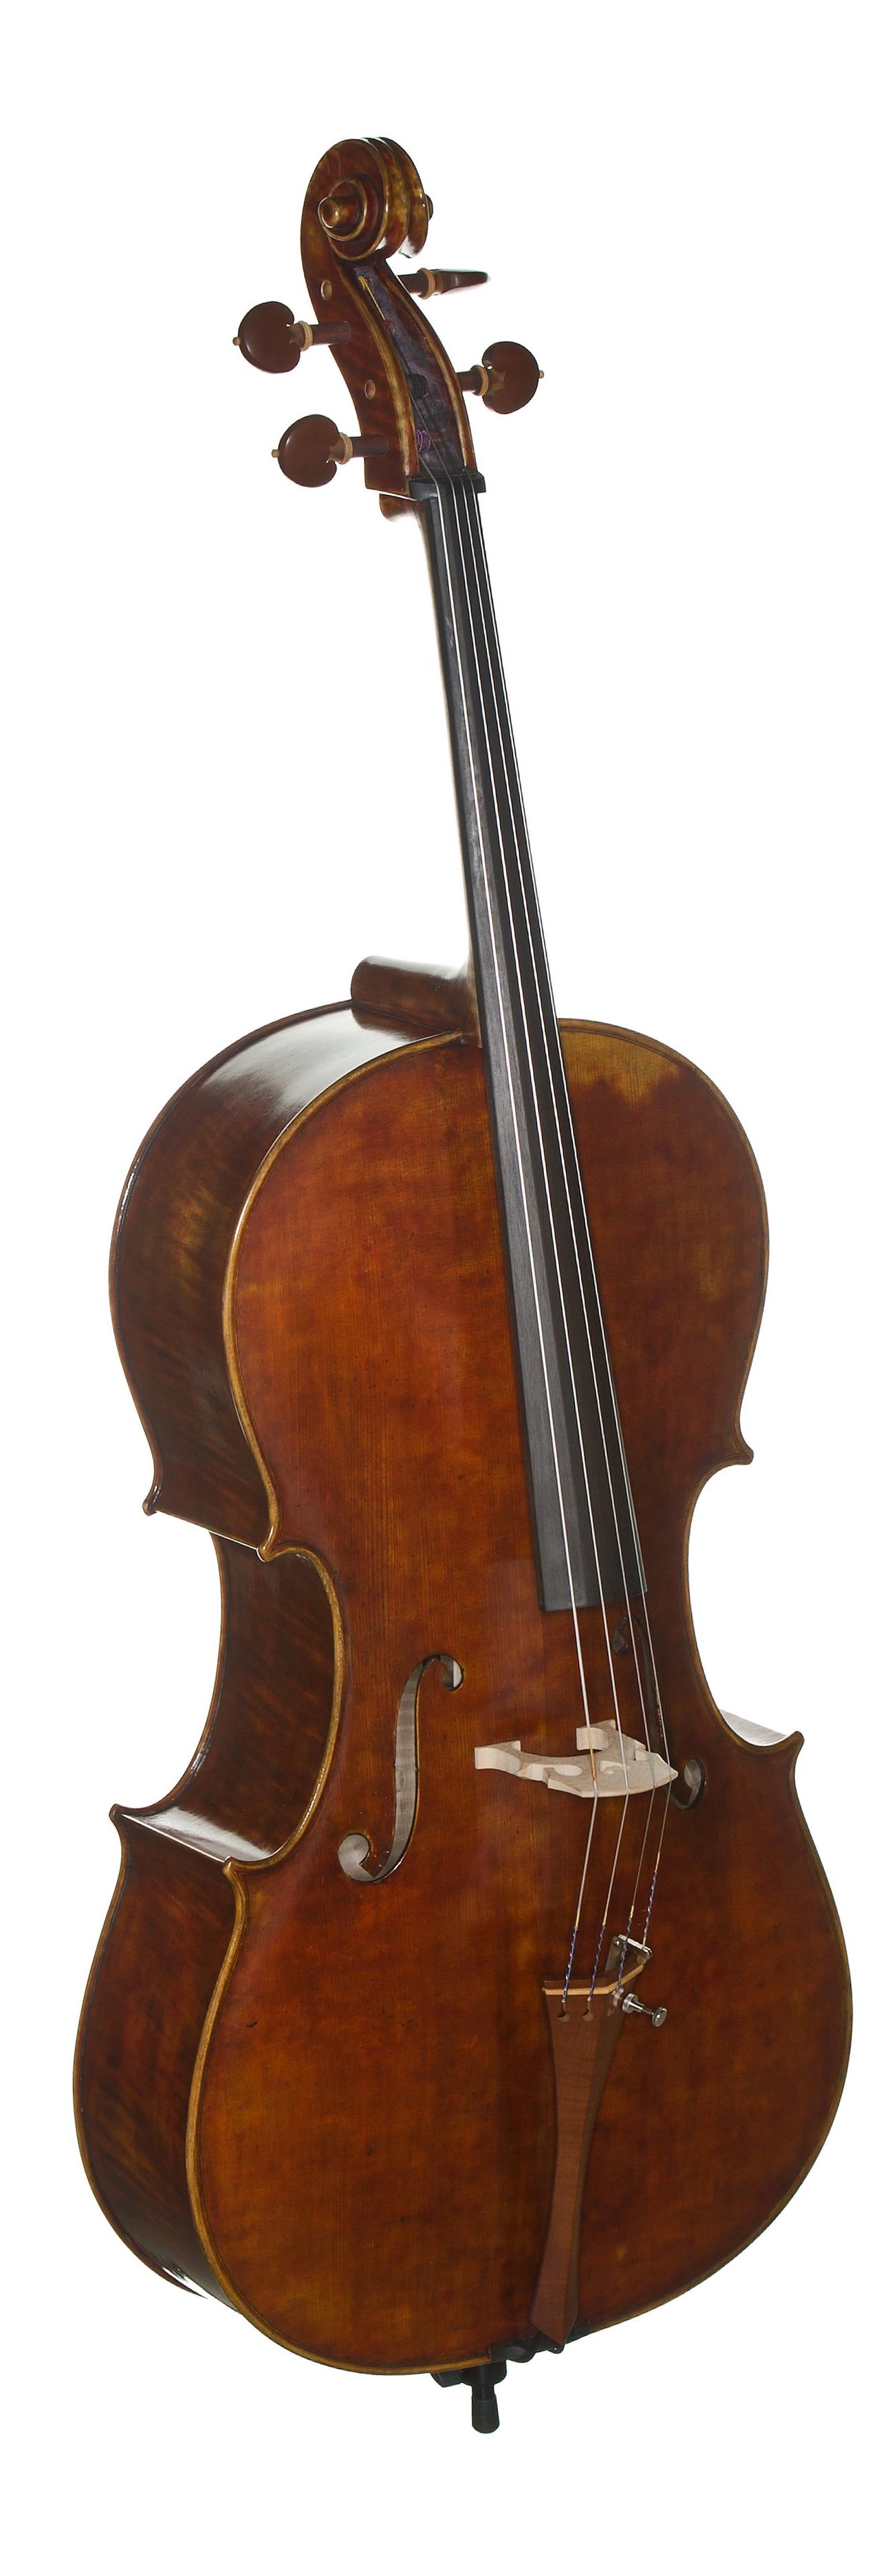 Erwin+Otto+8055CL+Cello.jpg